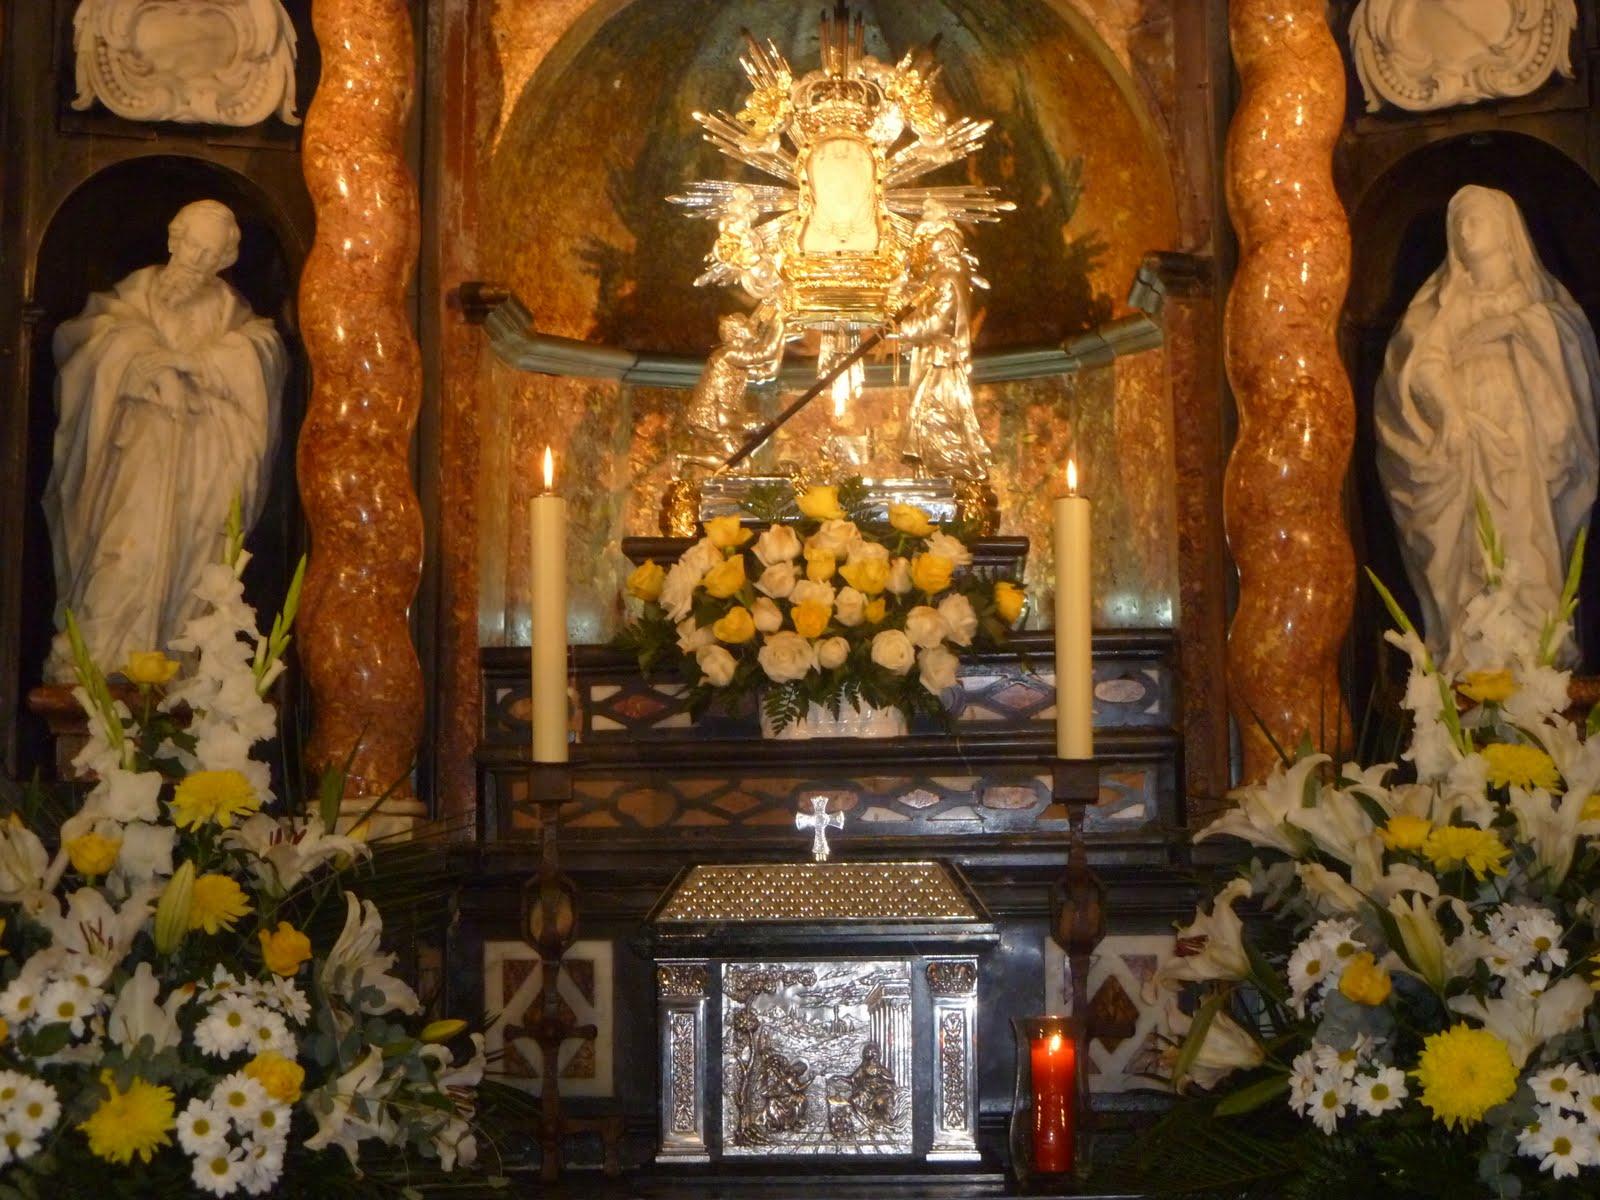 Un Lugar con Agua Milagrosa: Virgen de la Cueva Santa, España (últ dom abr, 7 sep)